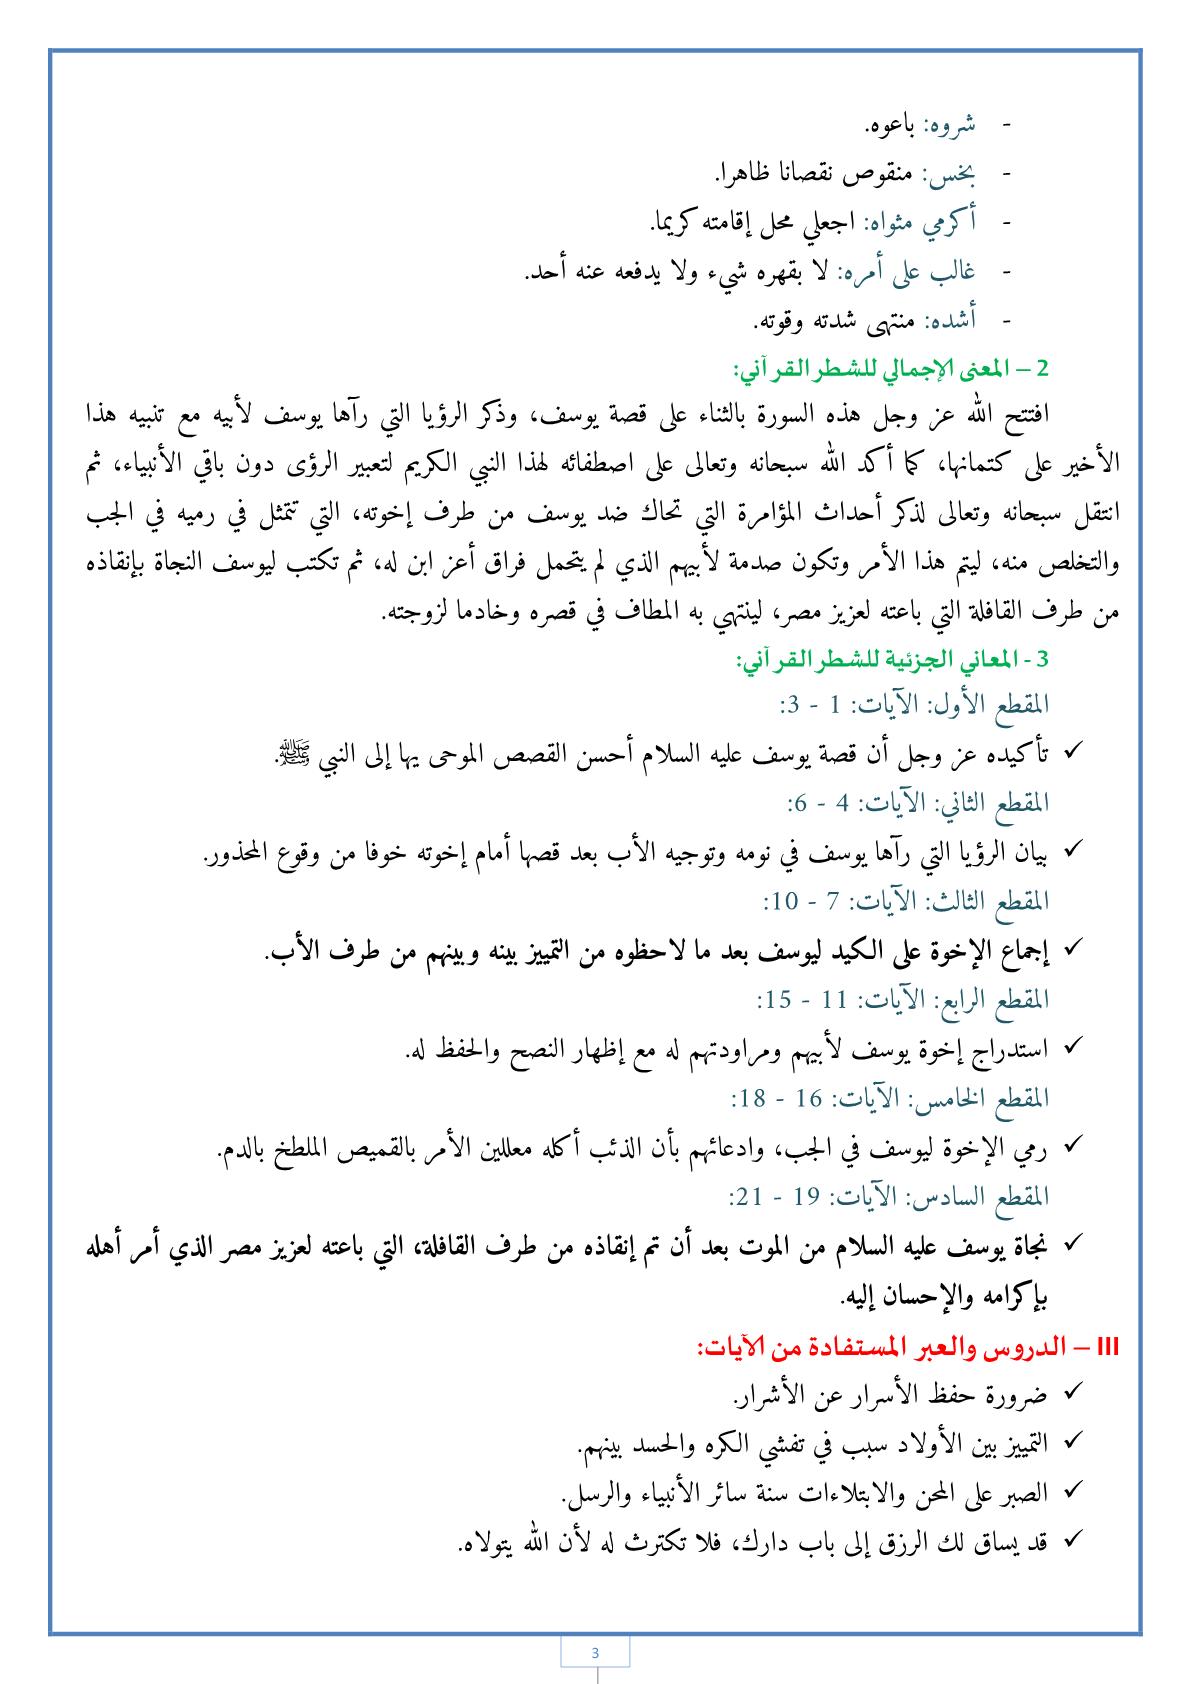 ملخص درس تزكية: الجزء الأول من سورة يوسف قرآن الكريم اولى باك